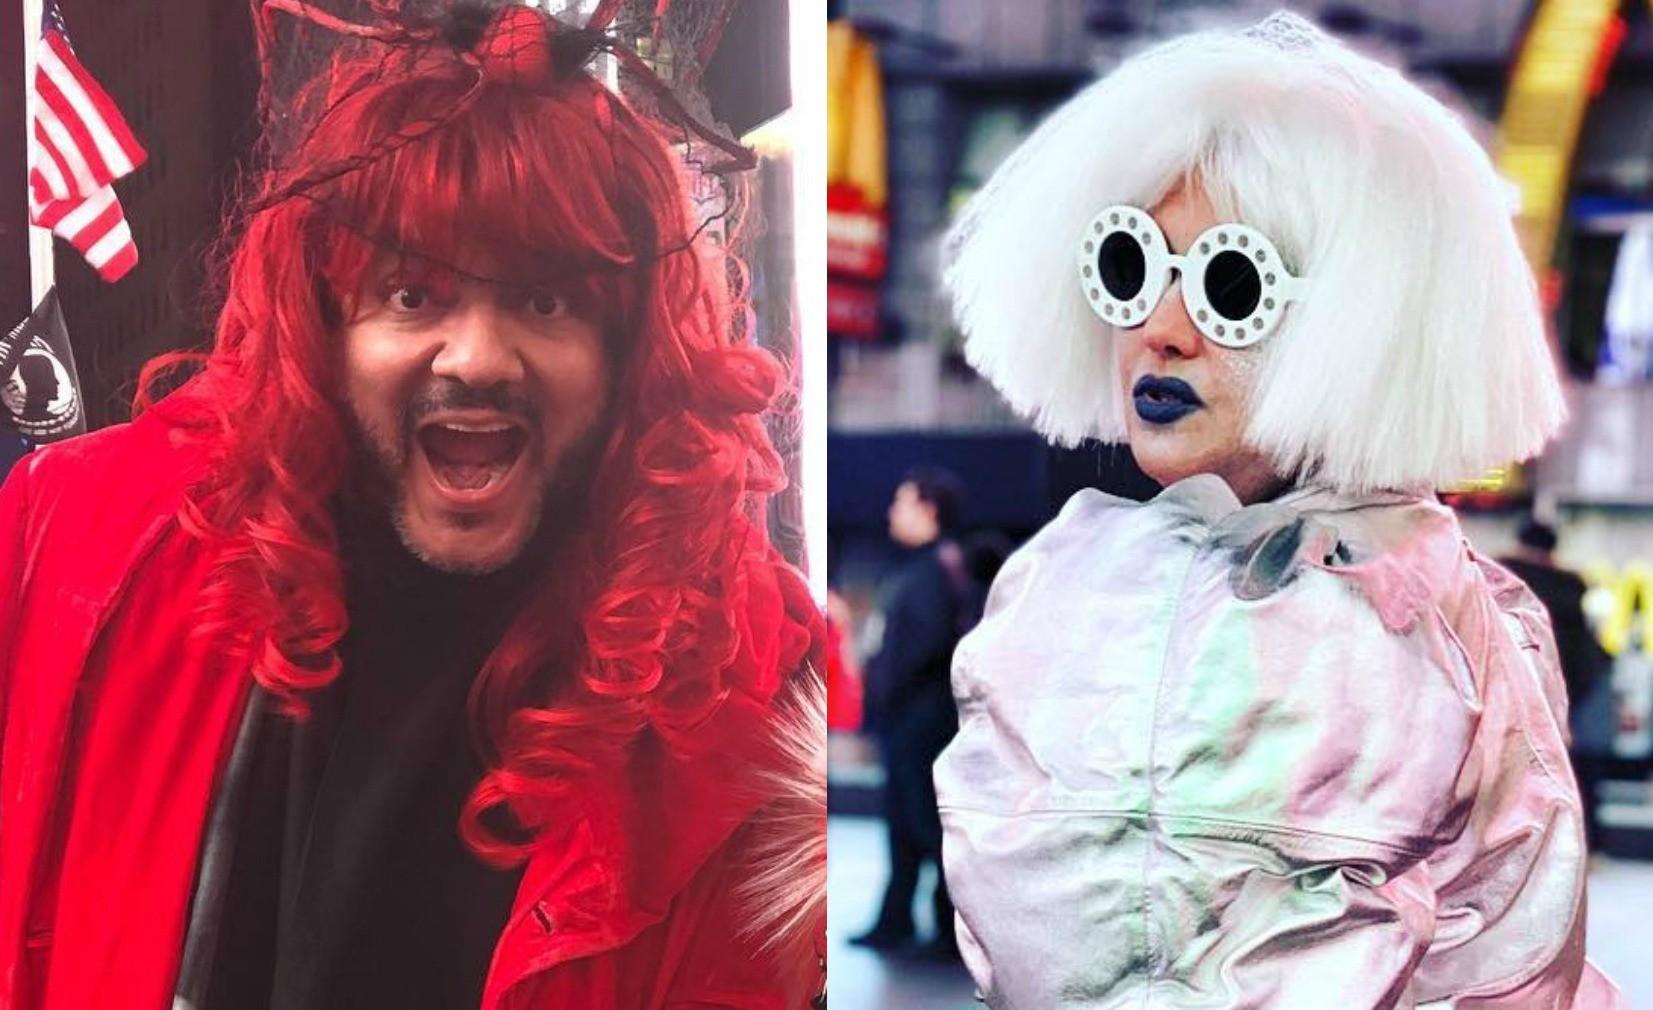 Филипп Киркоров и Анна Нетребко отметили Хэллоуин в причудливых париках